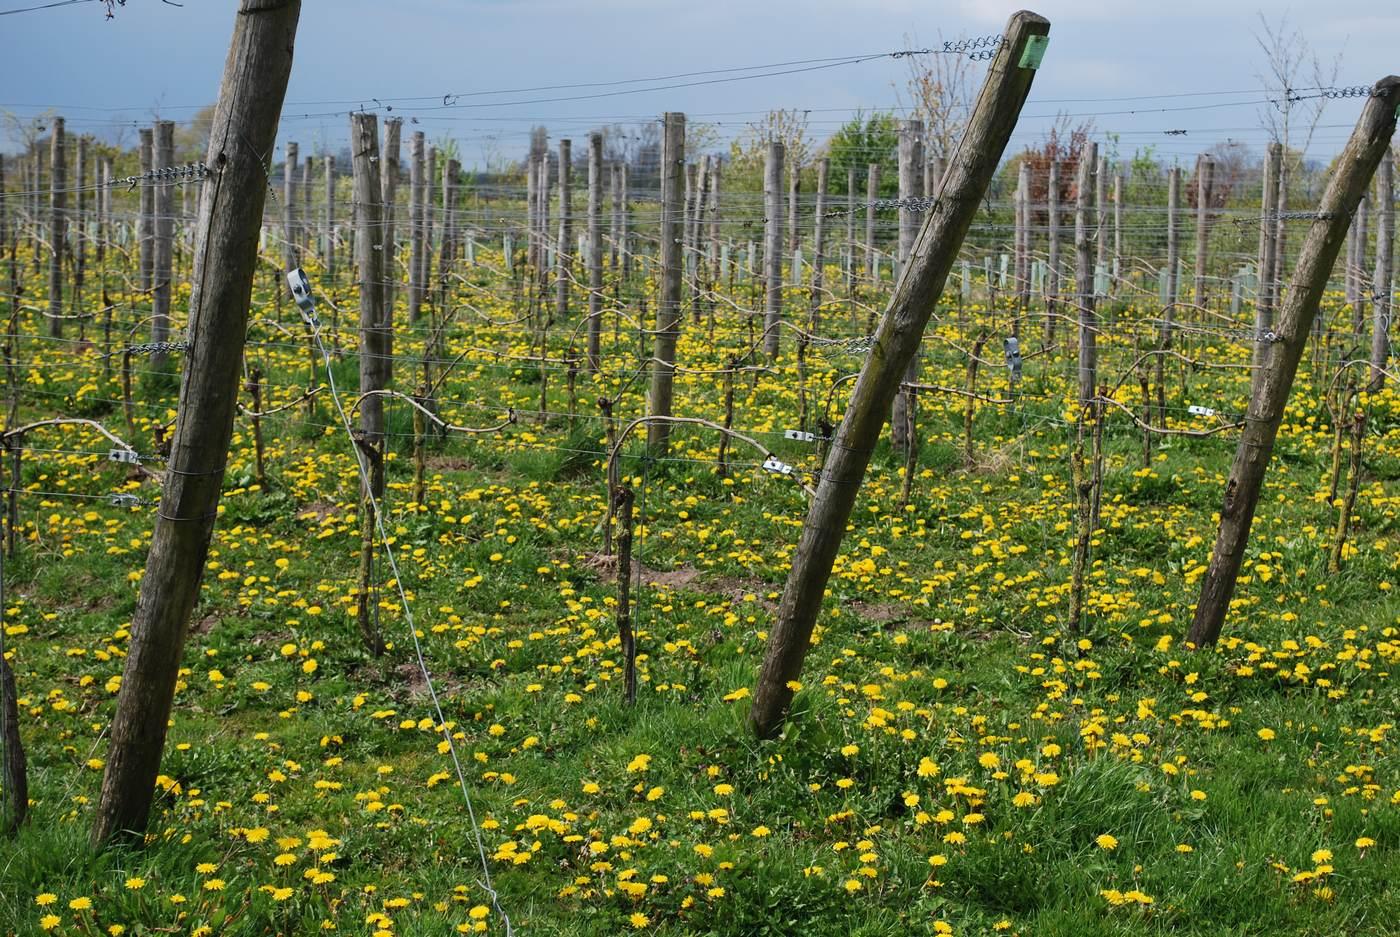 Nederlandse Wijngaard bezoeken - Wijndomein Erve Wisselink in Eibergen - Achterhoek